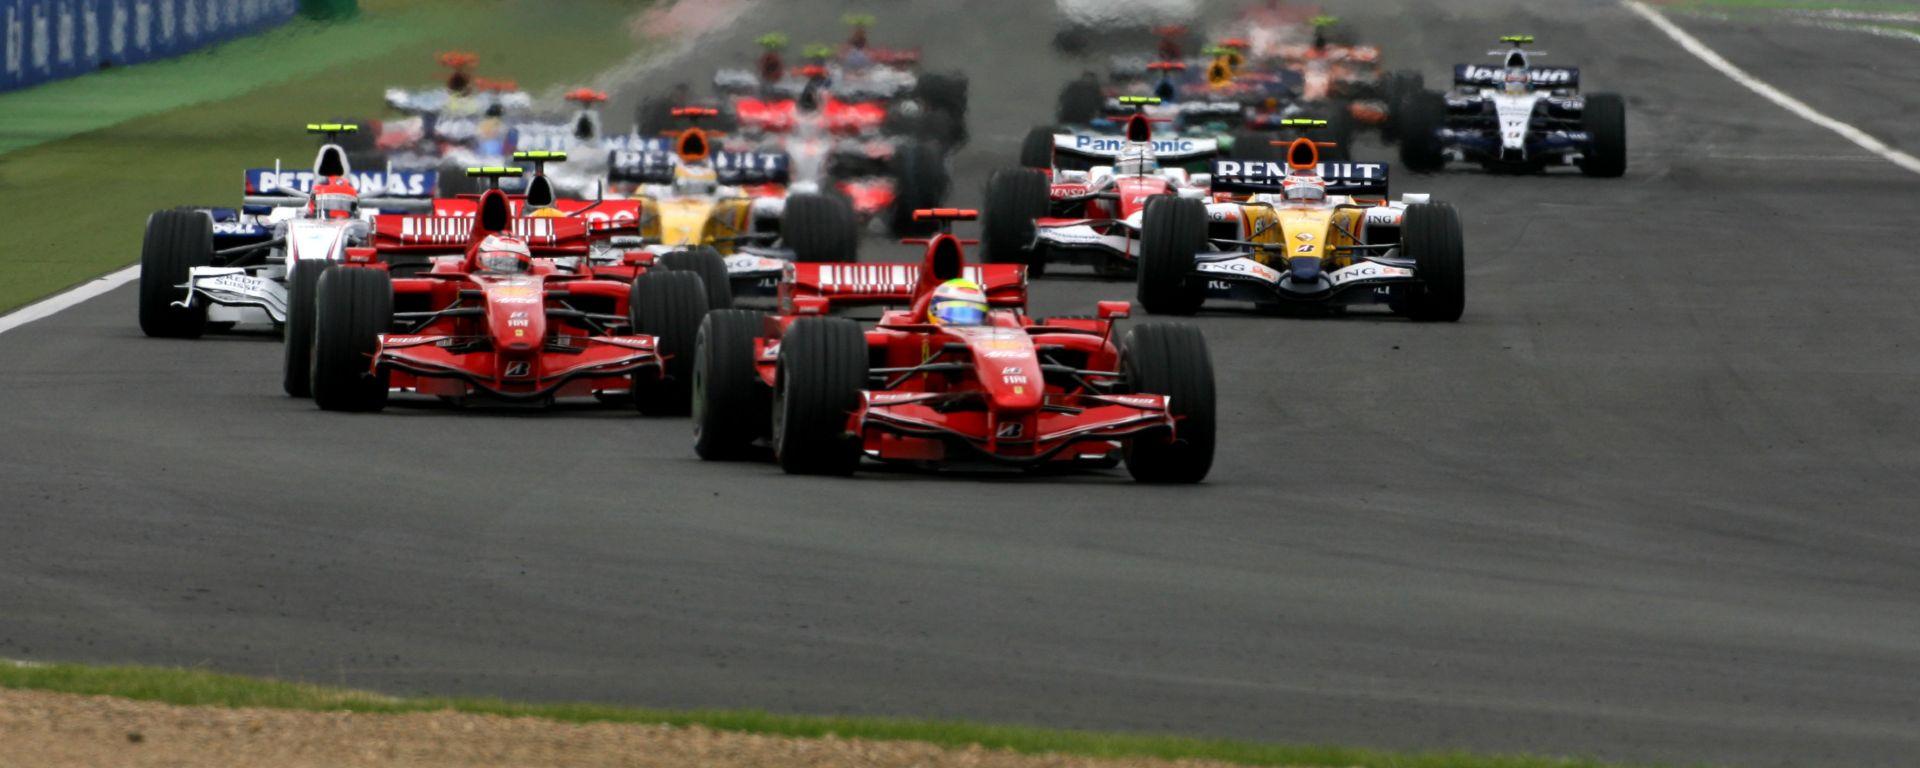 F1 GP Francia 2007, Magny-Cours: la partenza della gara